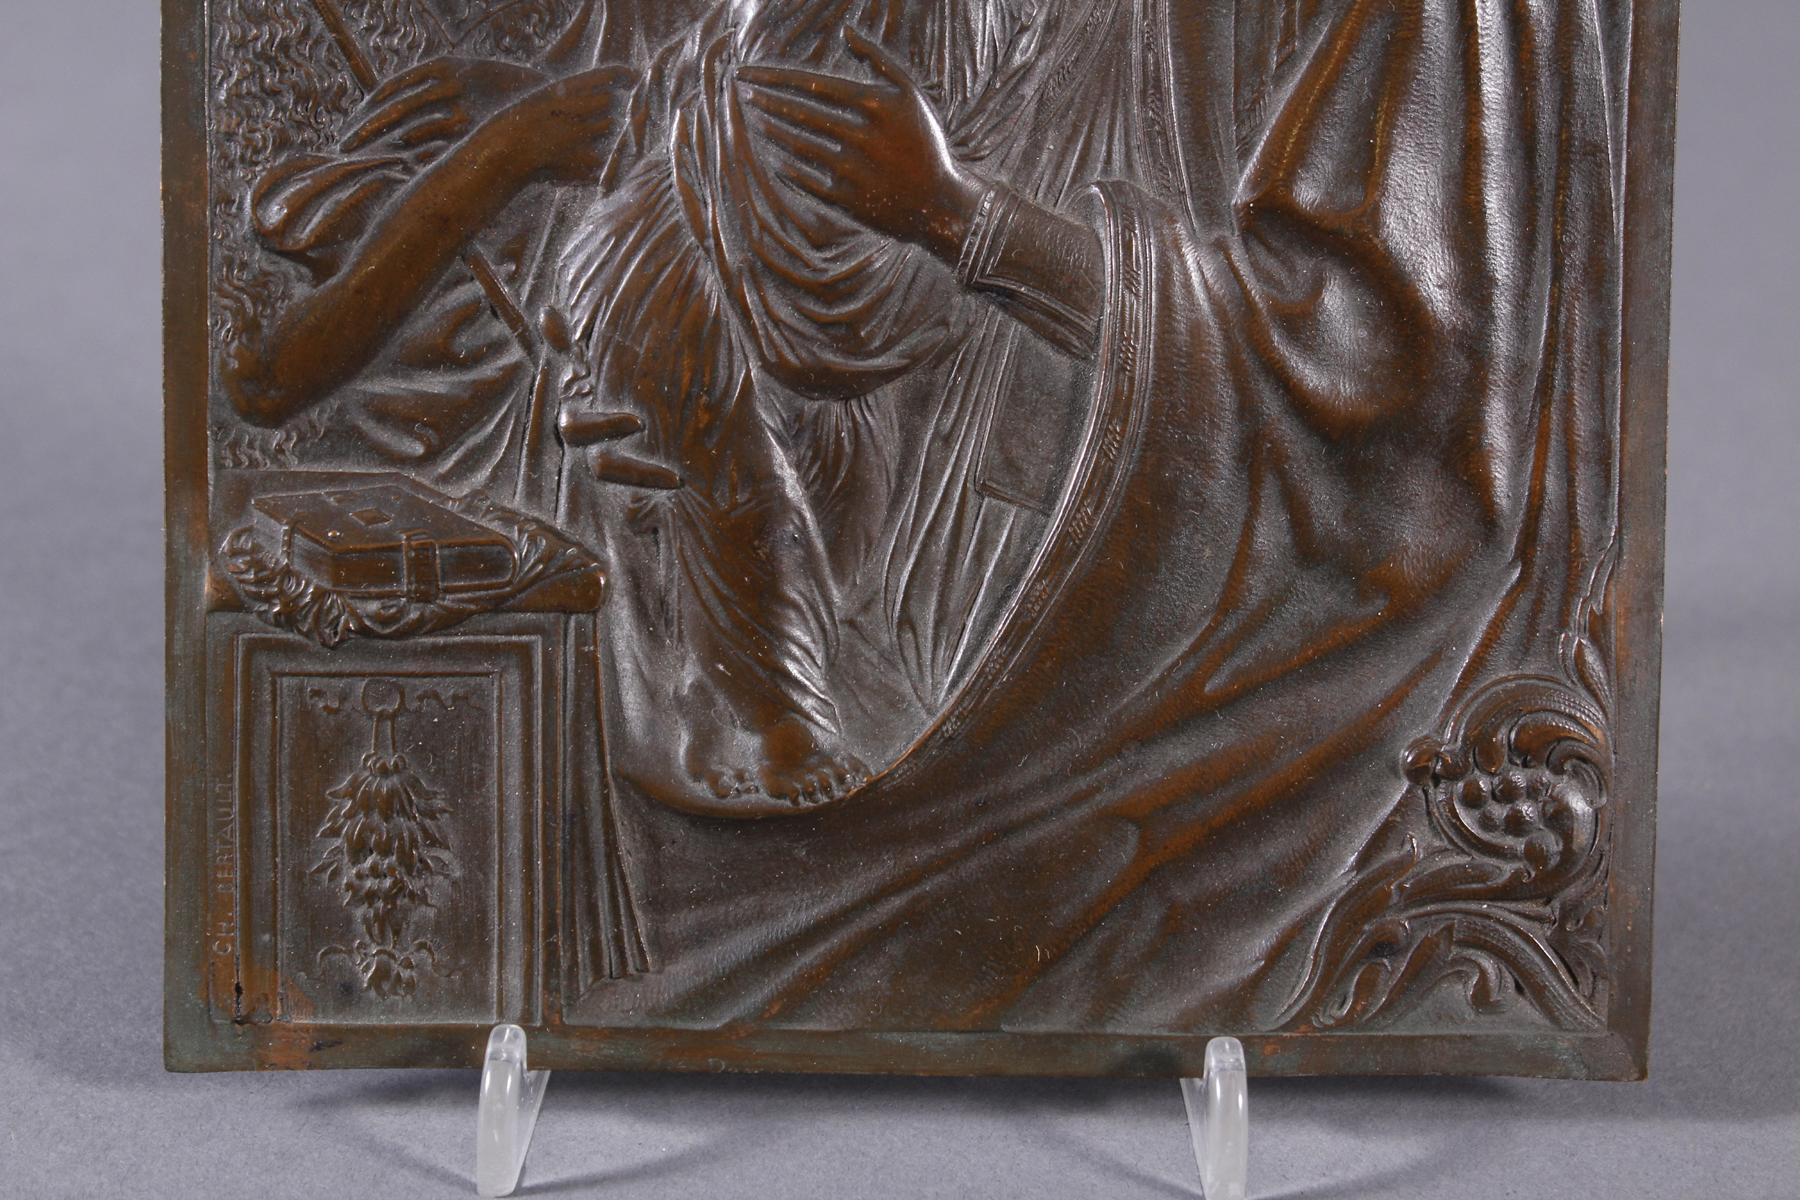 Feine Kupfer-Reliefplatte, Frankreich, Charles BERTAULT um 1900-3